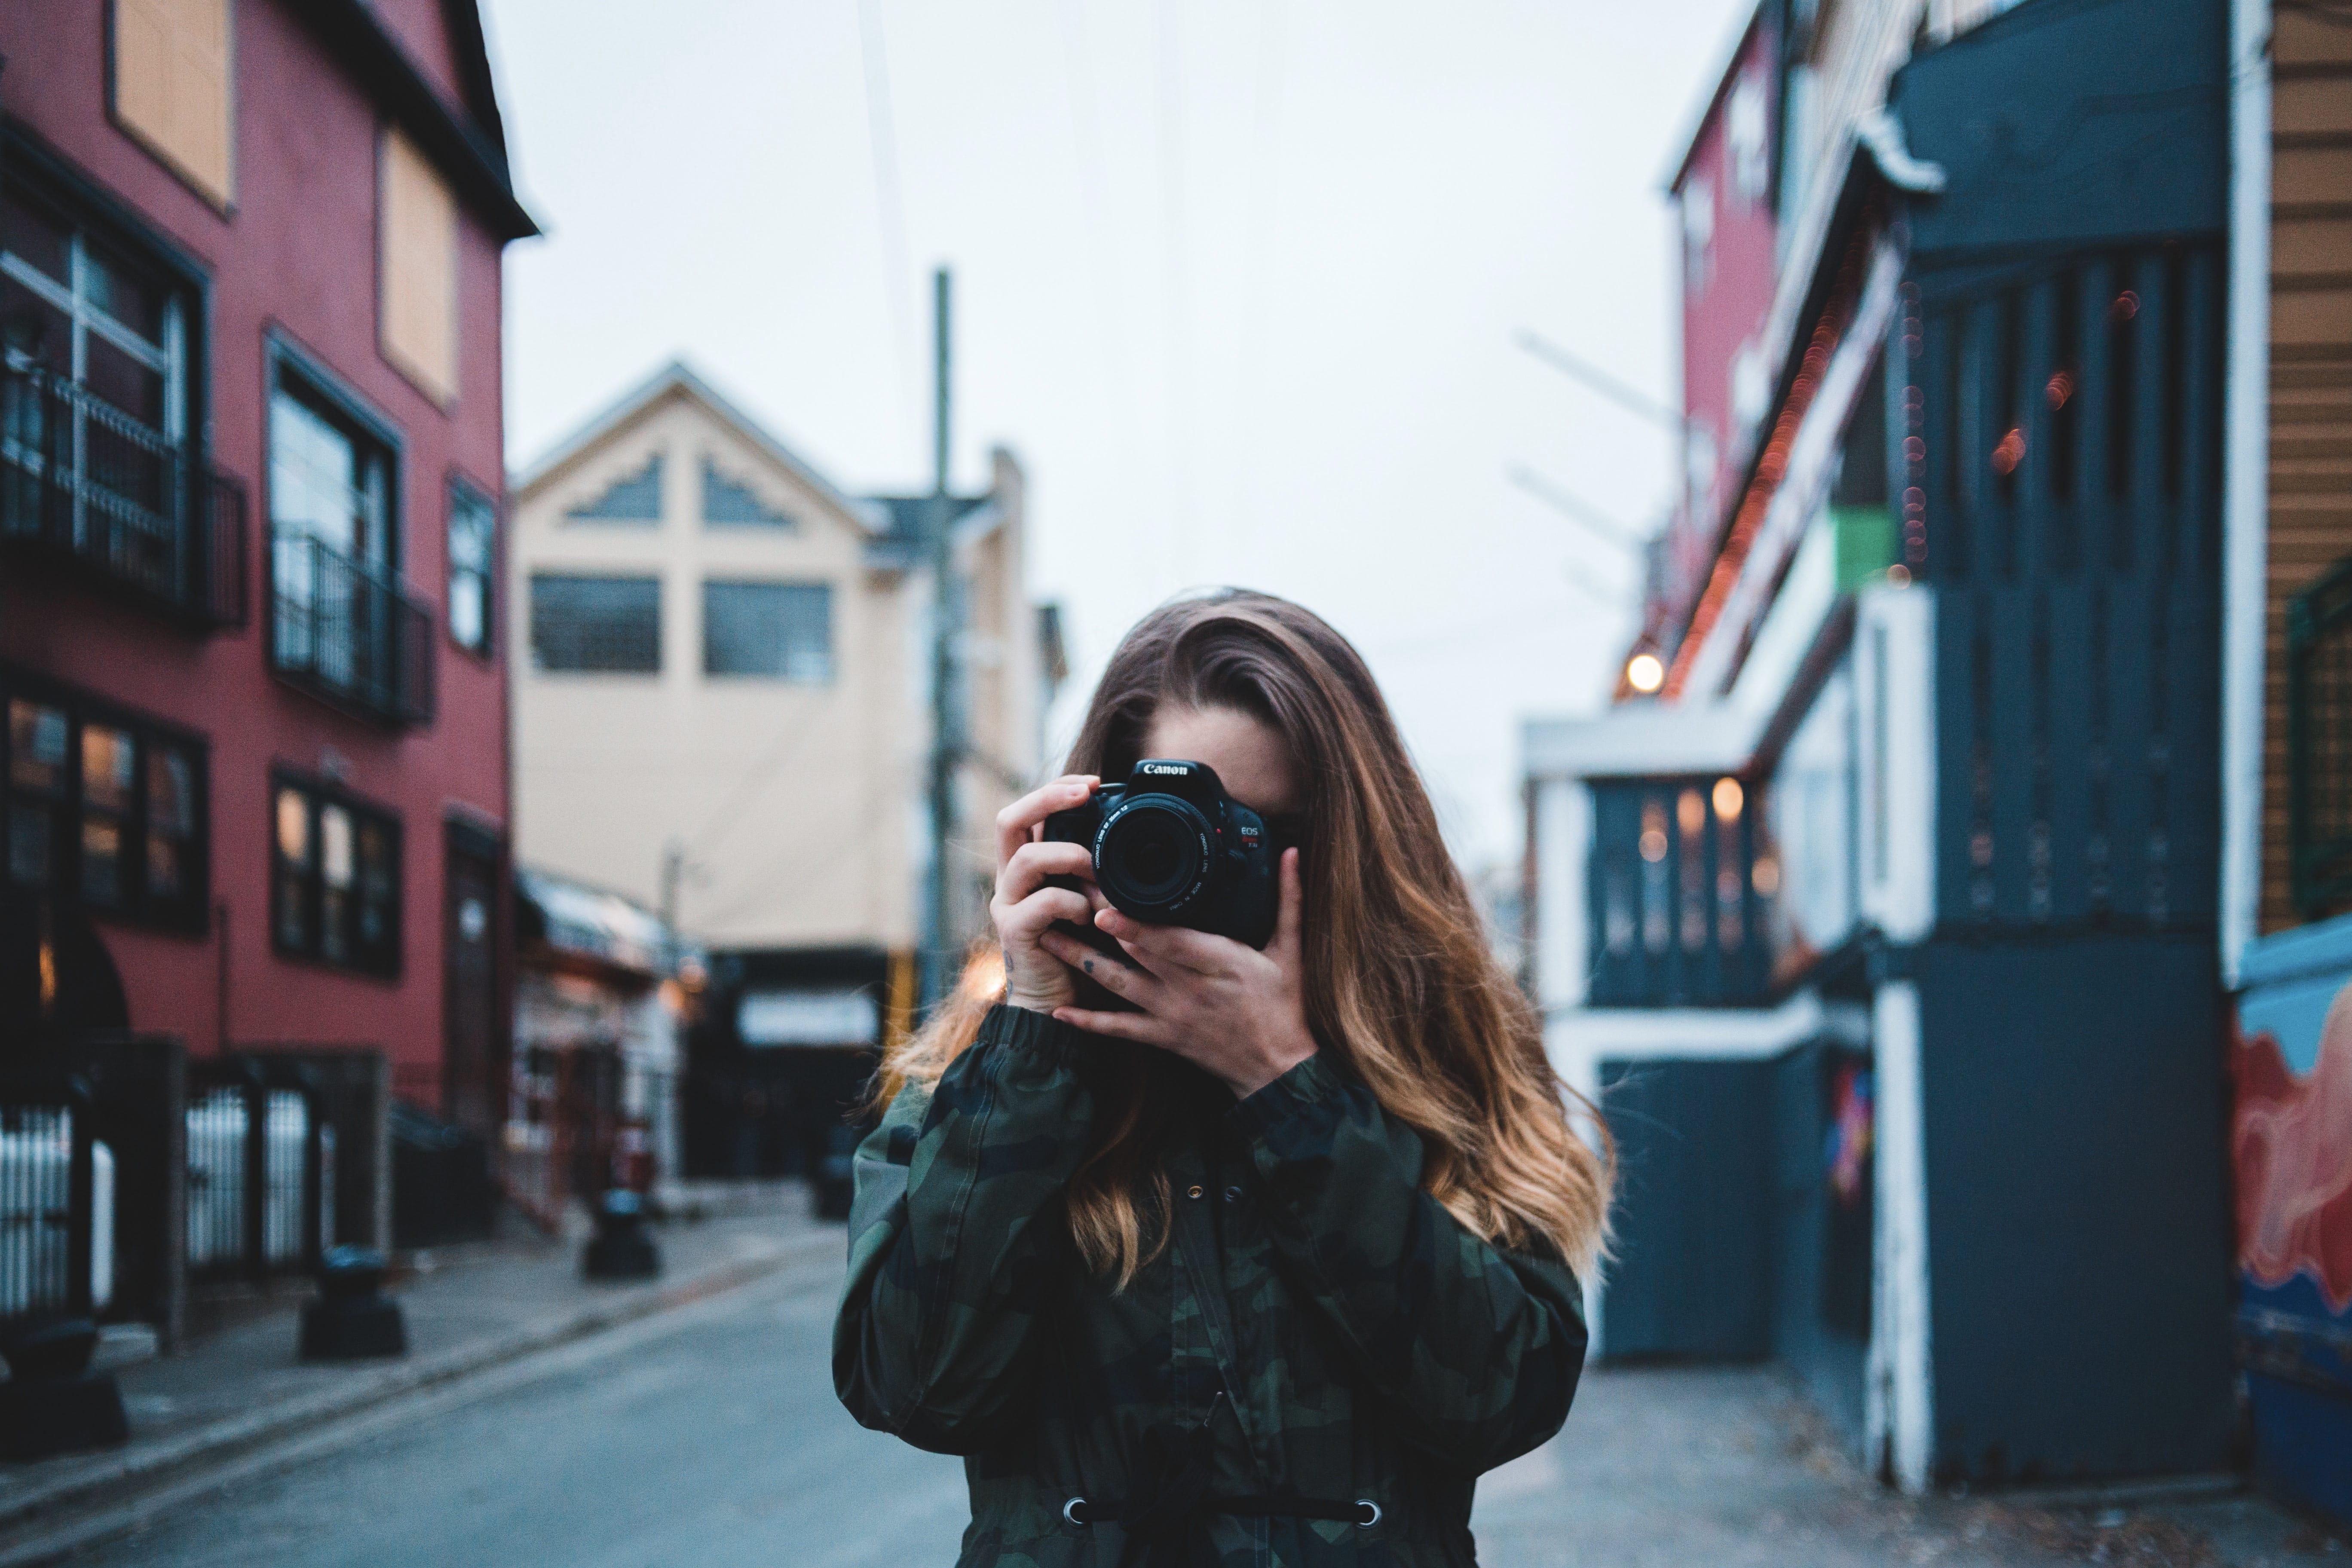 【実体験から解説】海外旅行のおすすめカメラと持ち歩きの注意点【2019年版】